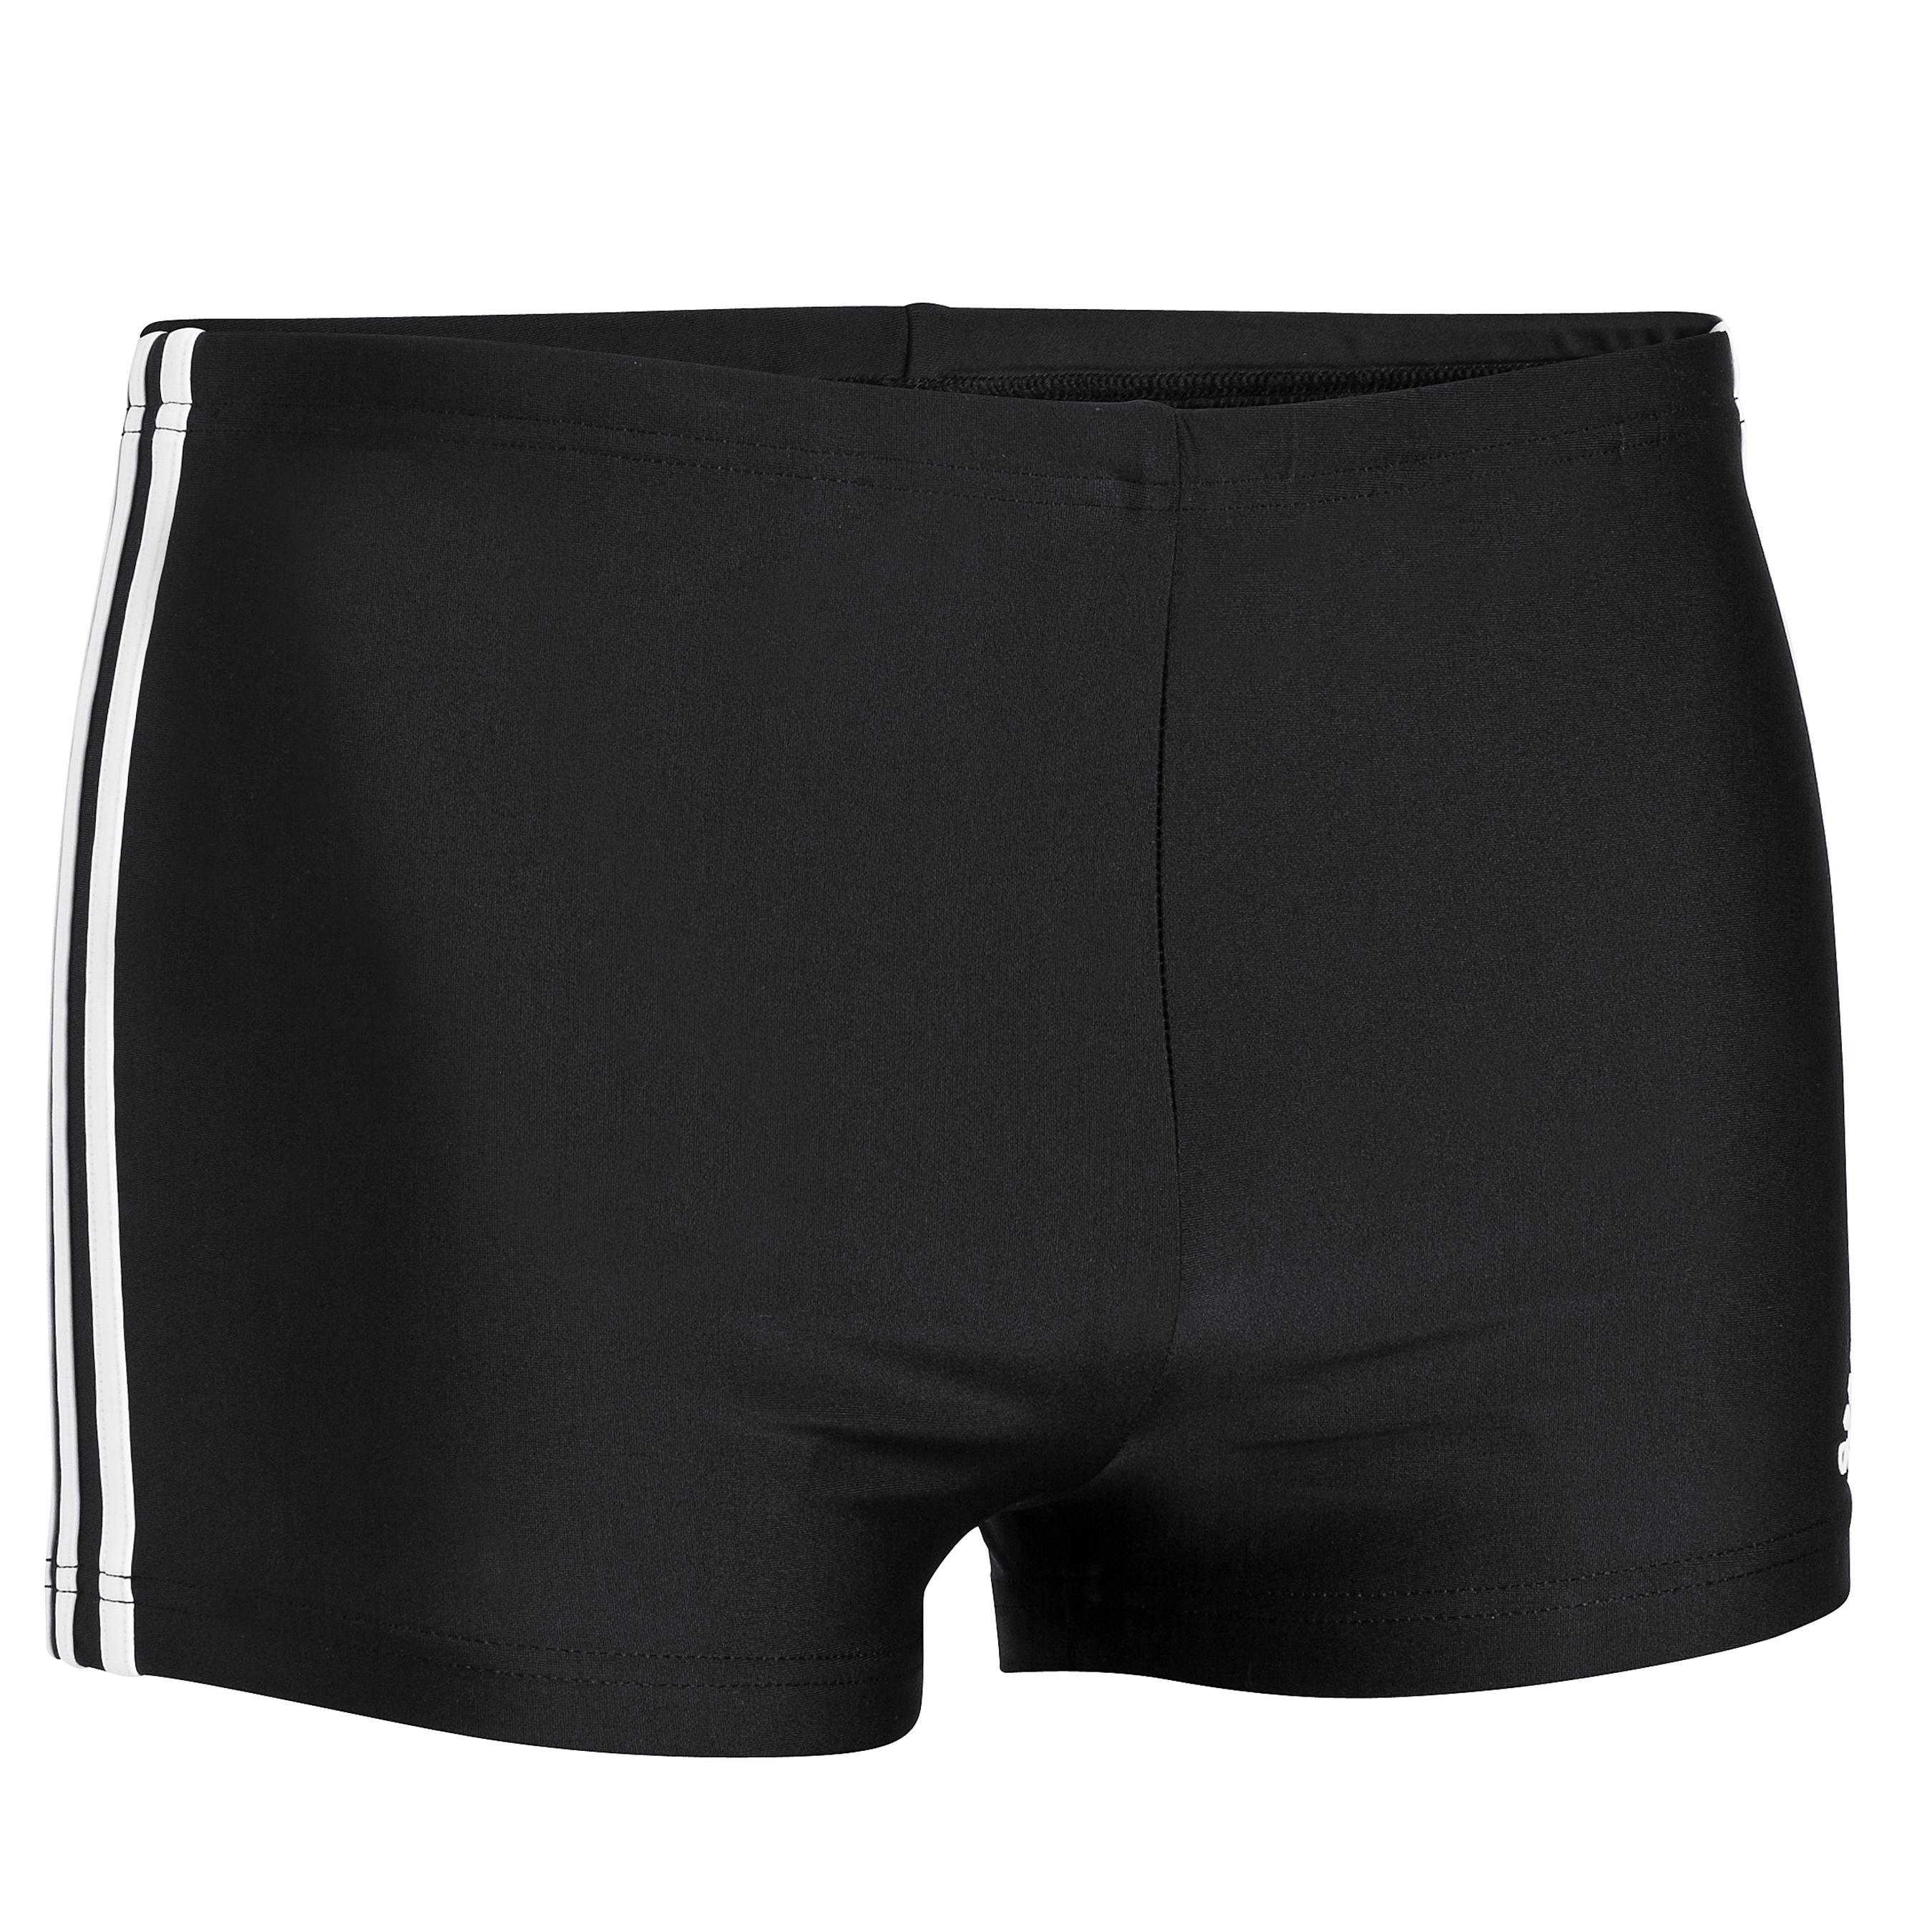 Boxer 3s Maillot Bain Adidas Blanc Homme De Noir hoQxtdrCBs